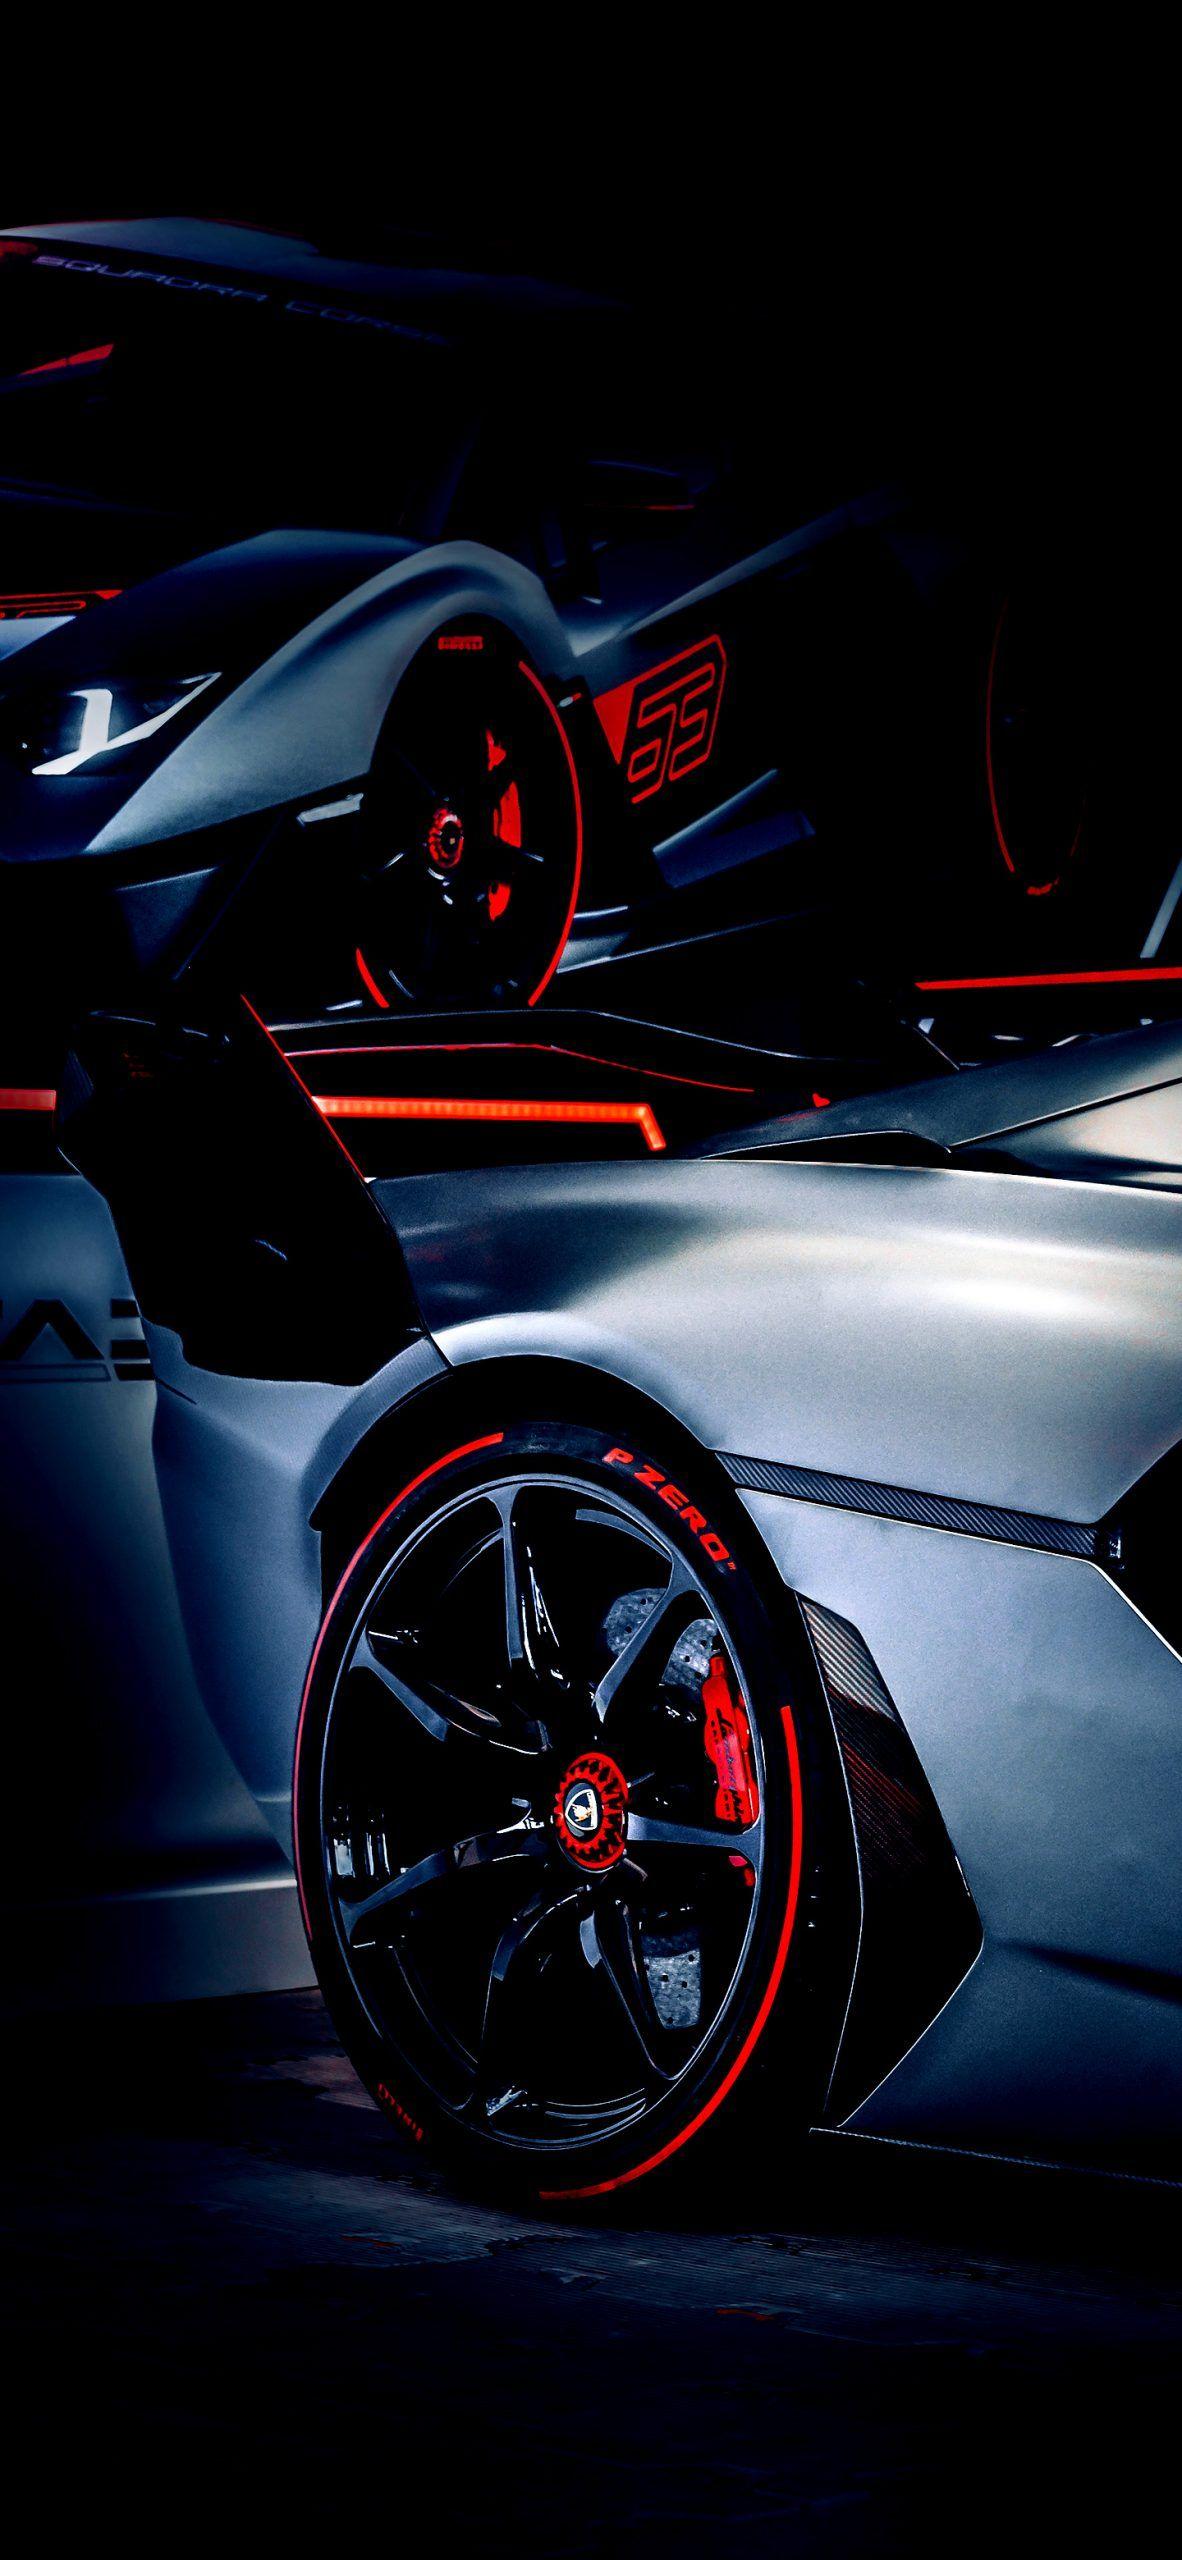 Lamborghini Aventador 2 Amoled Wallpaper In 2020 Car Iphone